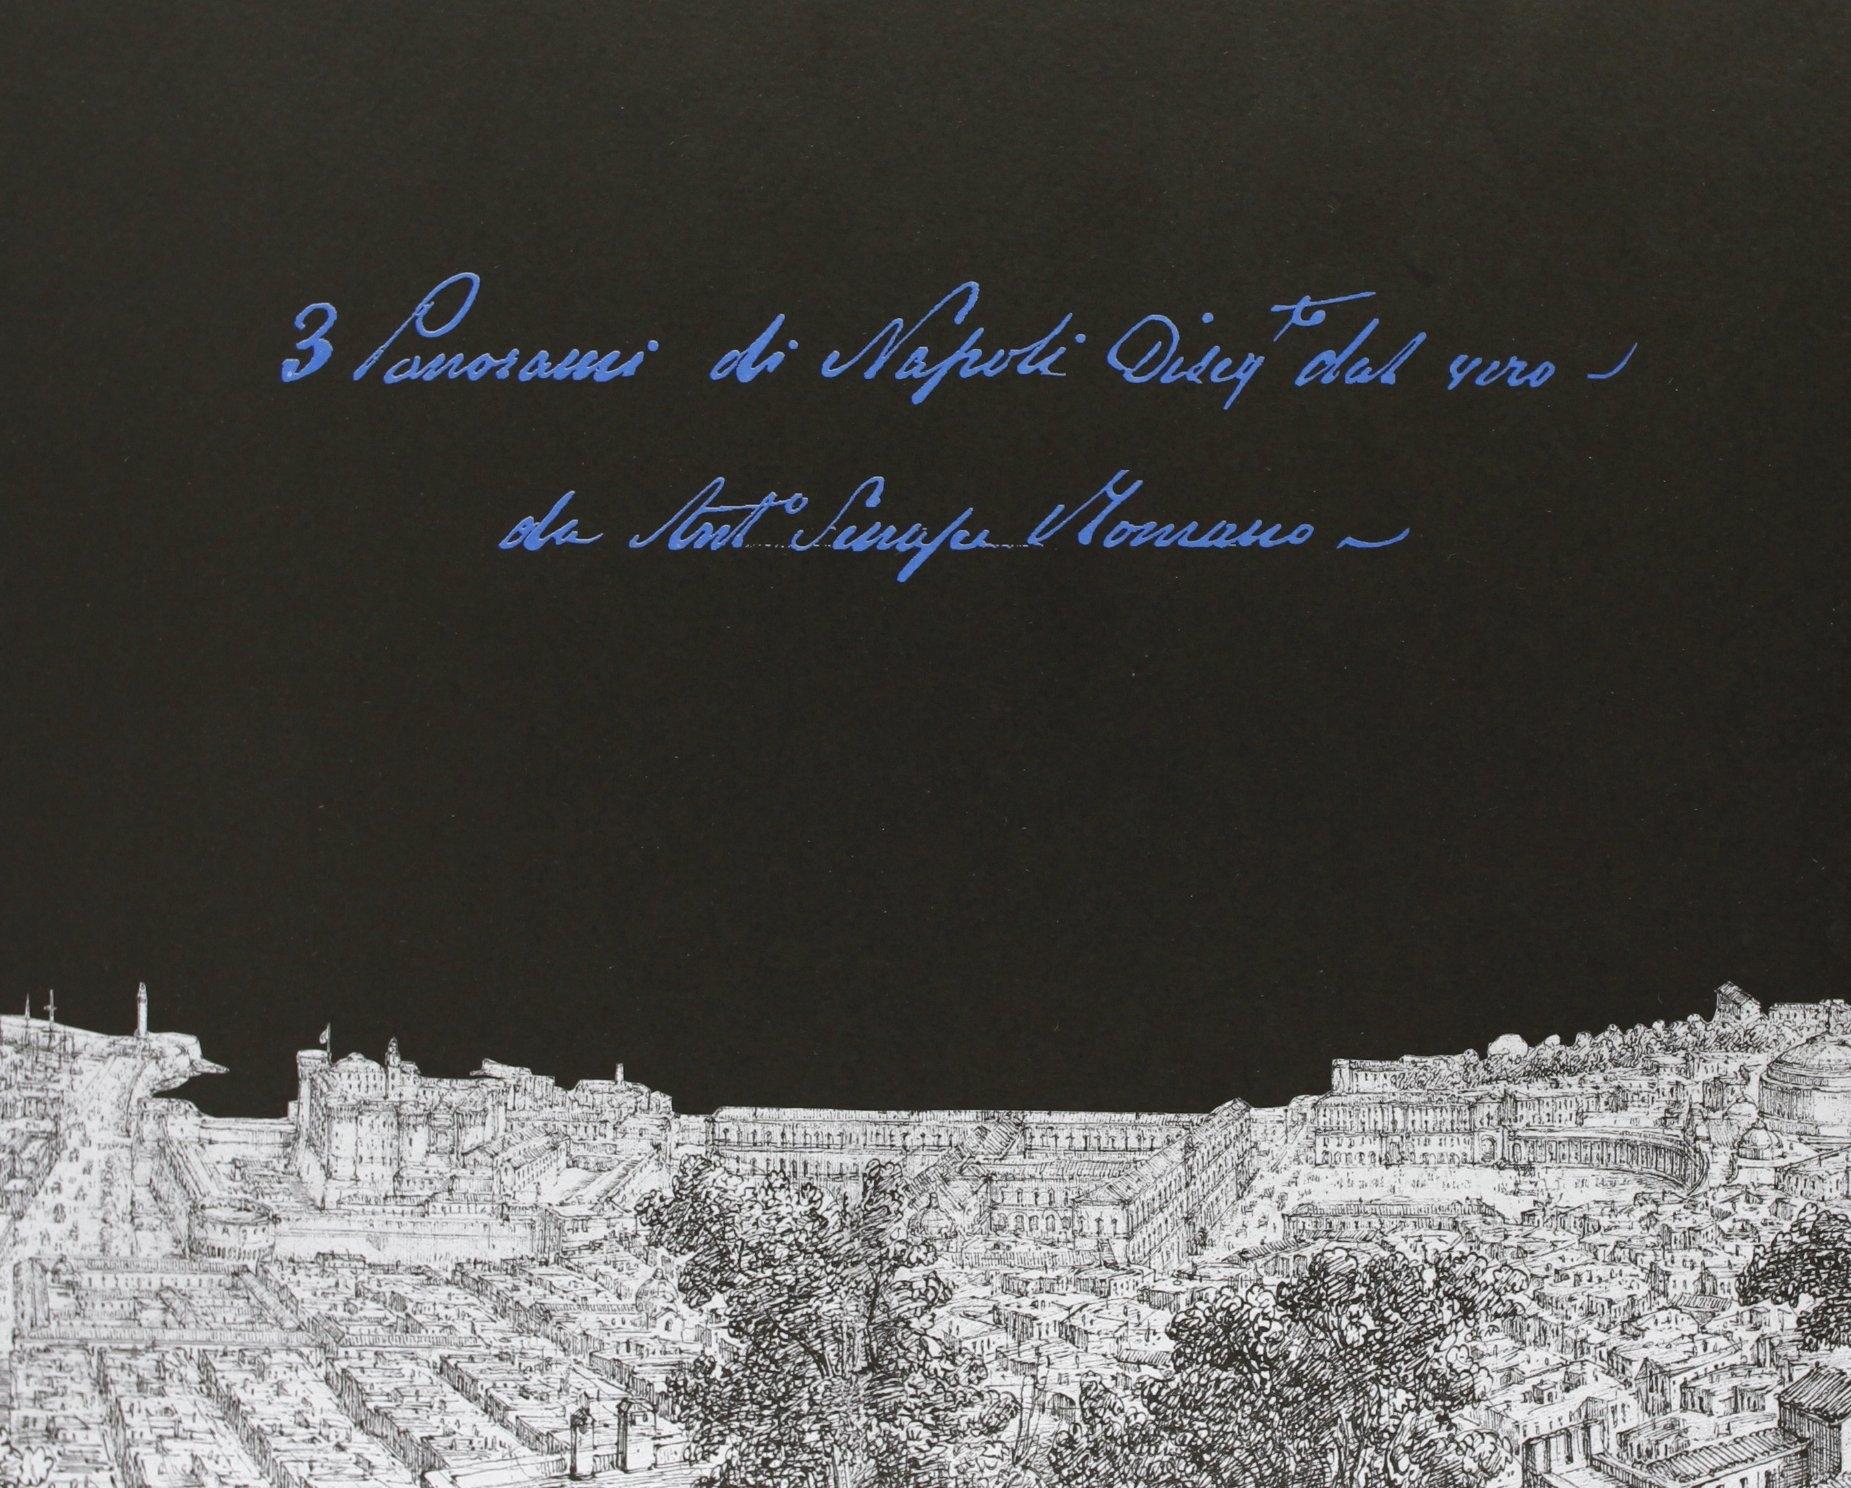 3 Panorami di Napoli disegnati dal vero da Antonio Senape Romano (cartella di stampe)